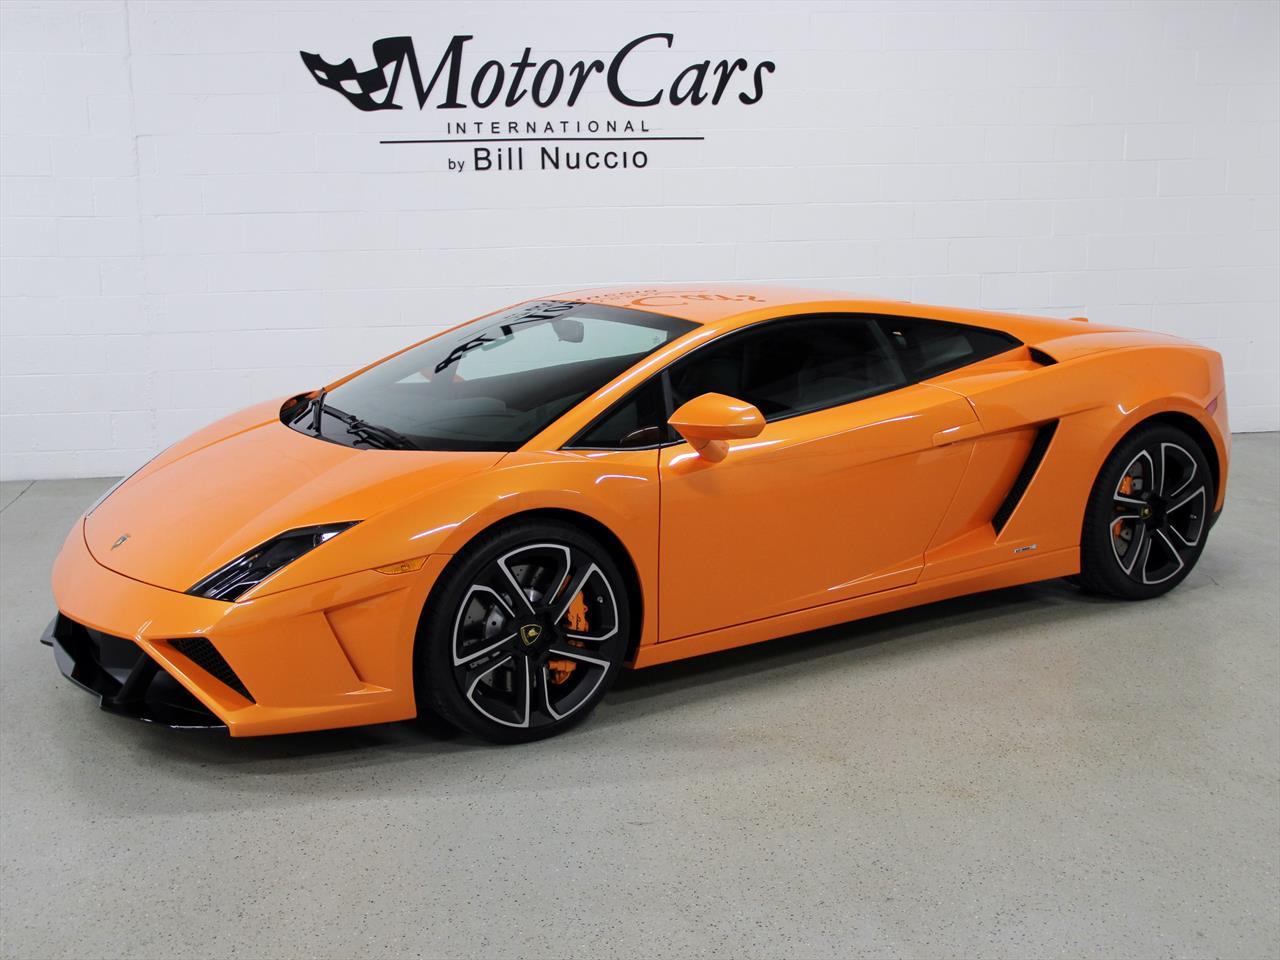 2013 Lamborghini Gallardo Lp560 4 Coupe